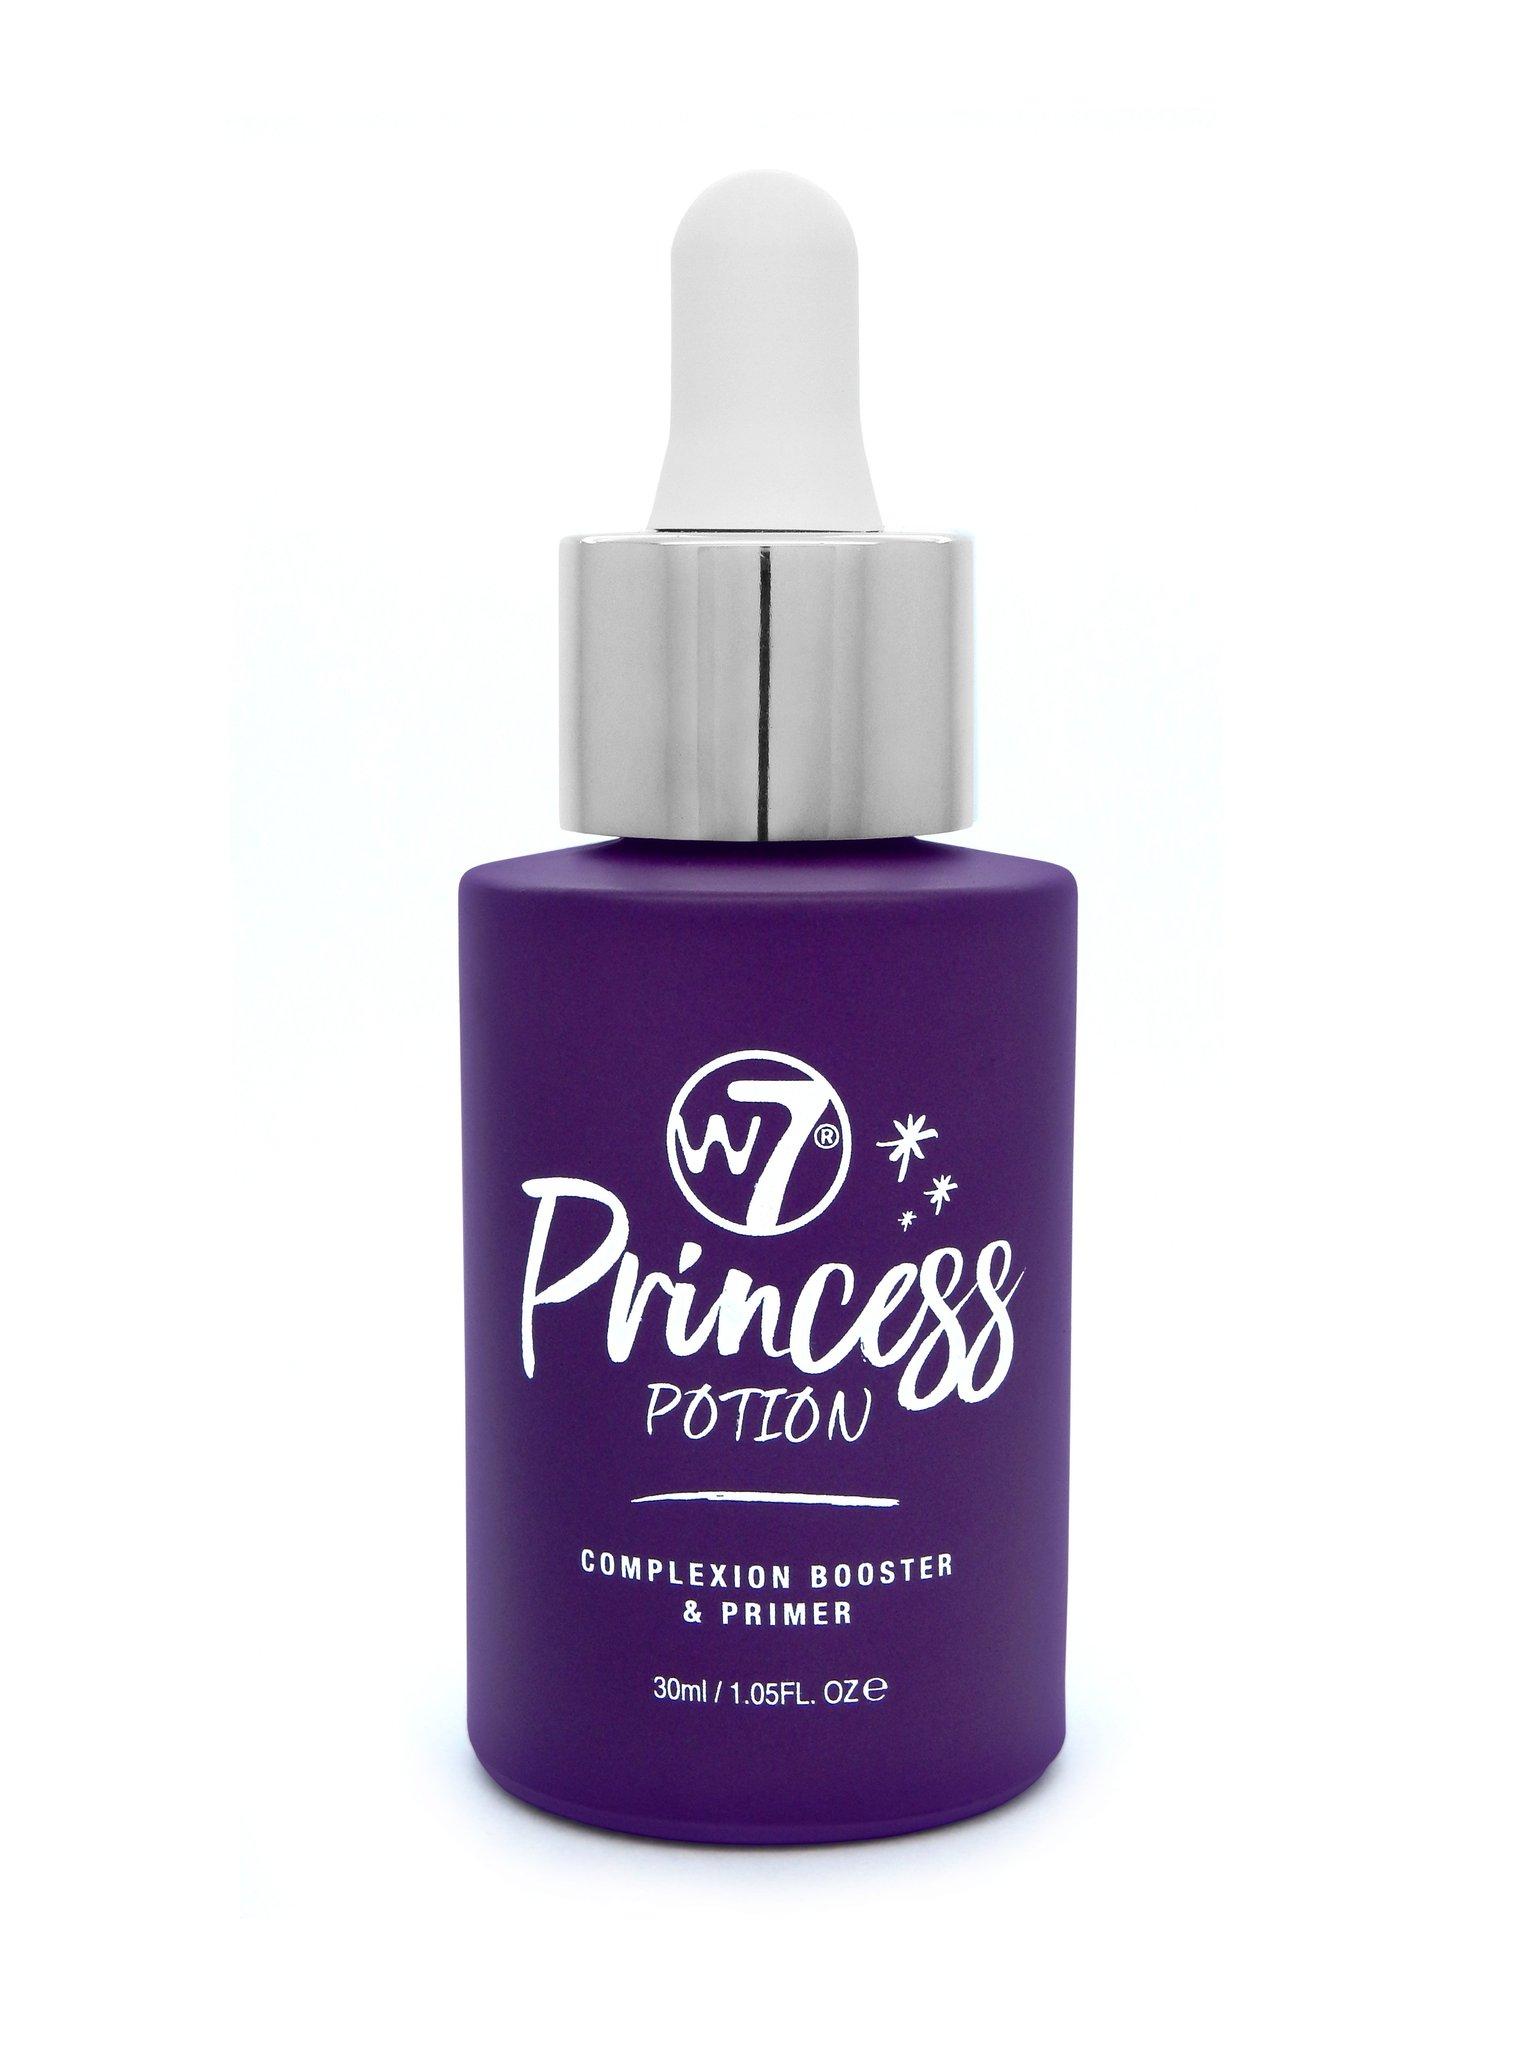 W7 Princess Potion